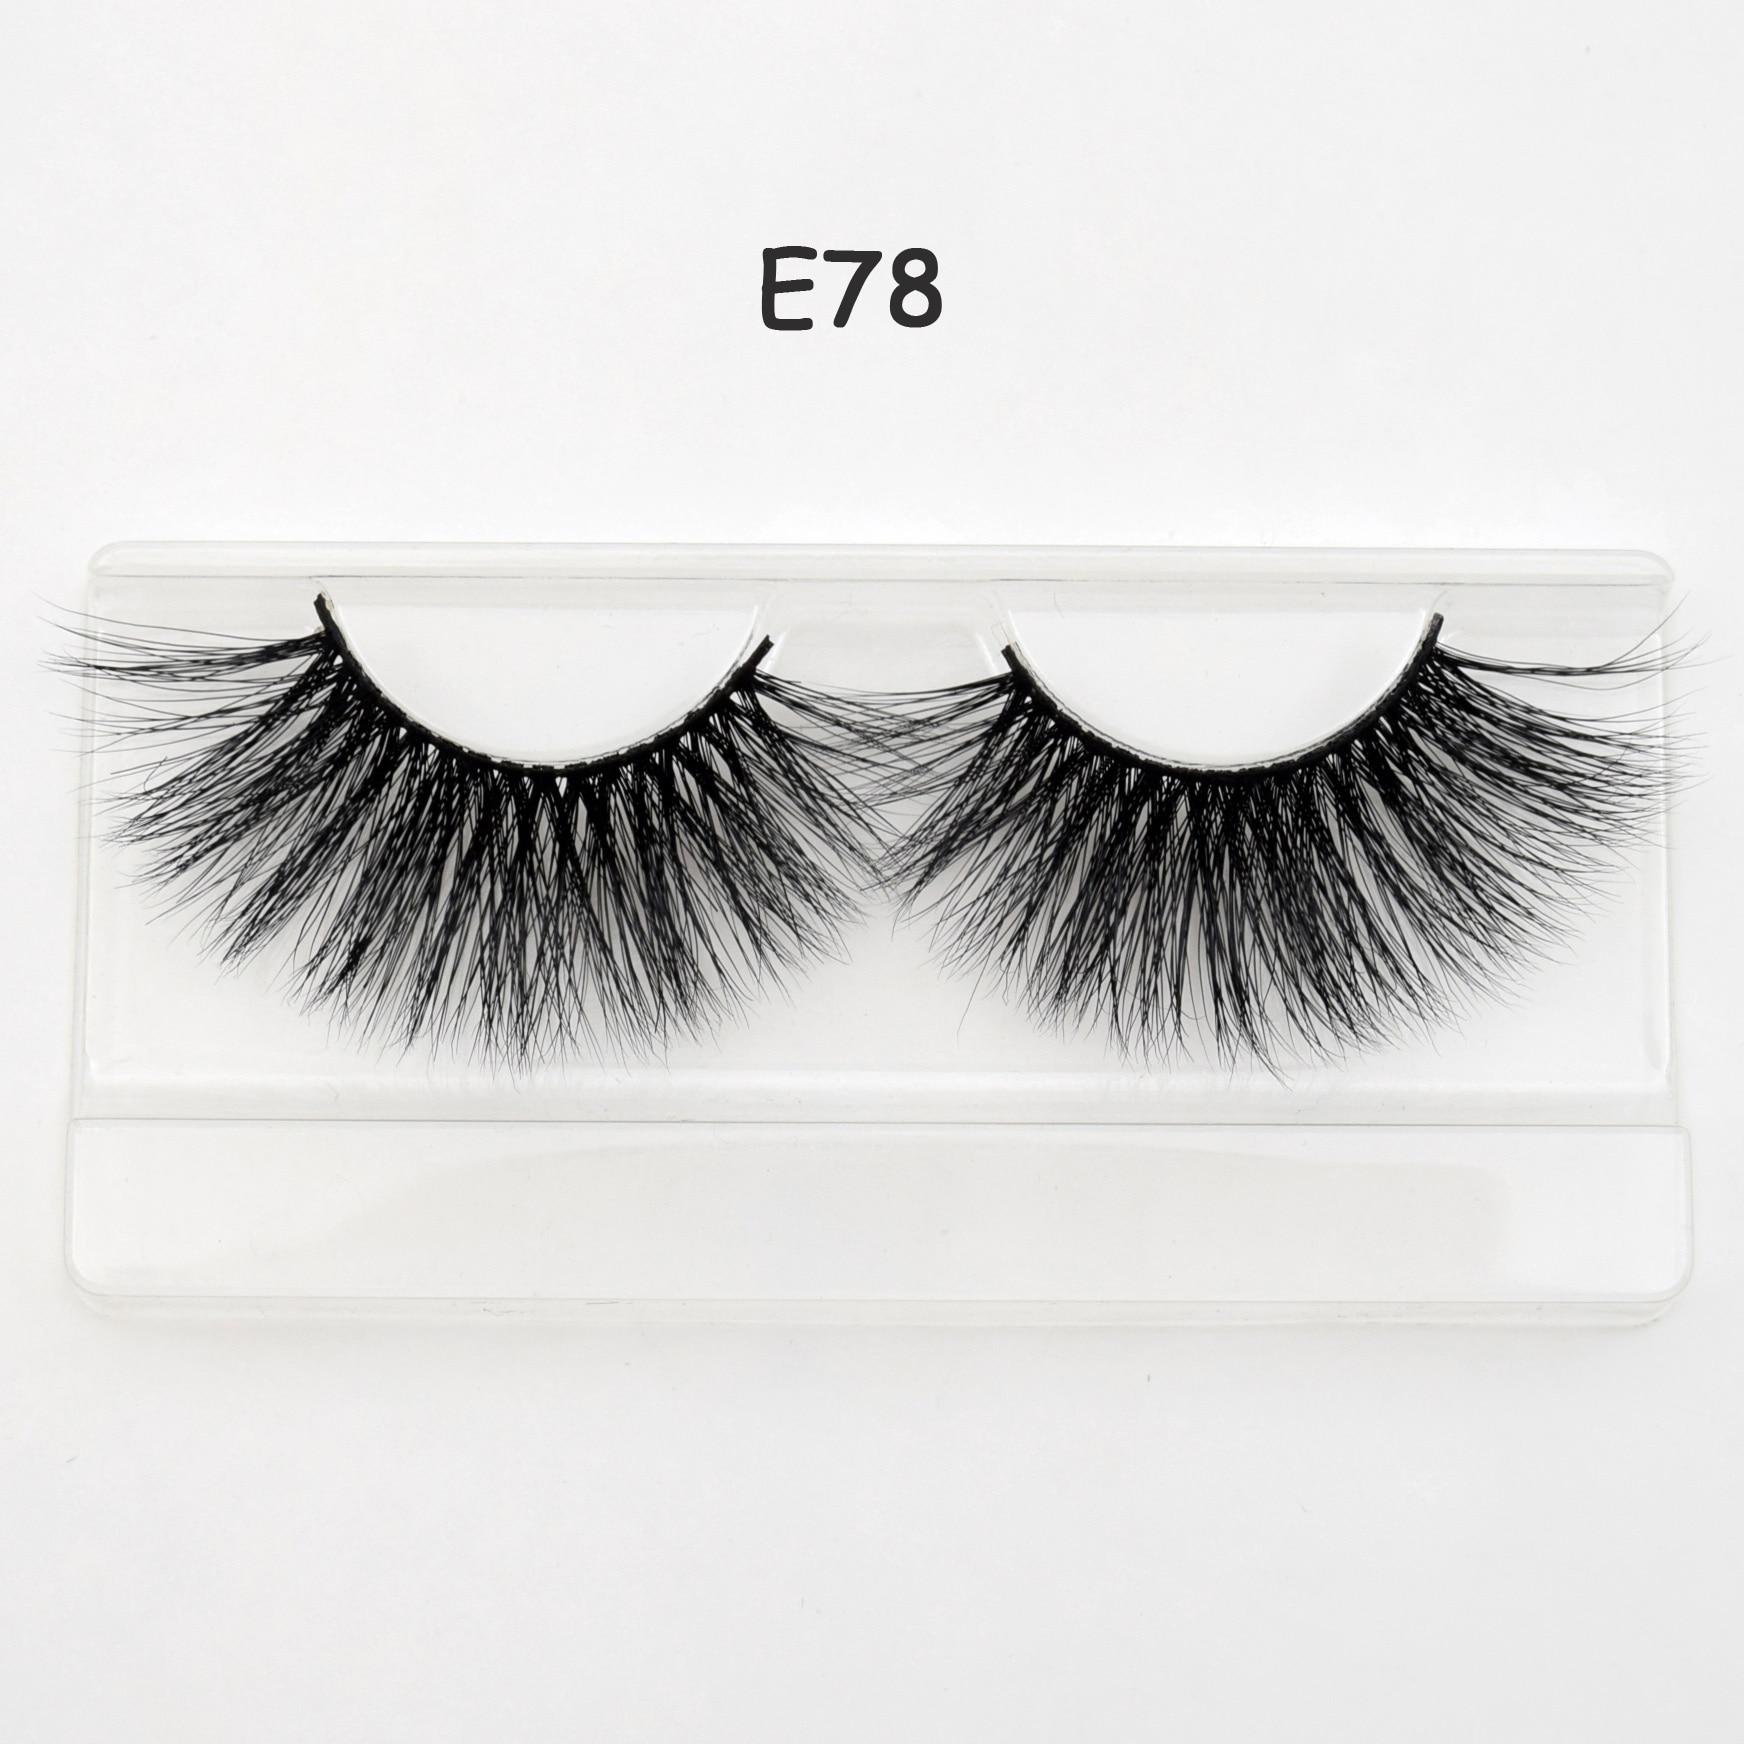 Visofree 25mm Lashes Dramatic 3D Mink Lashes Long False Eyelashes Makeup Fake Eye Lashes Extension E